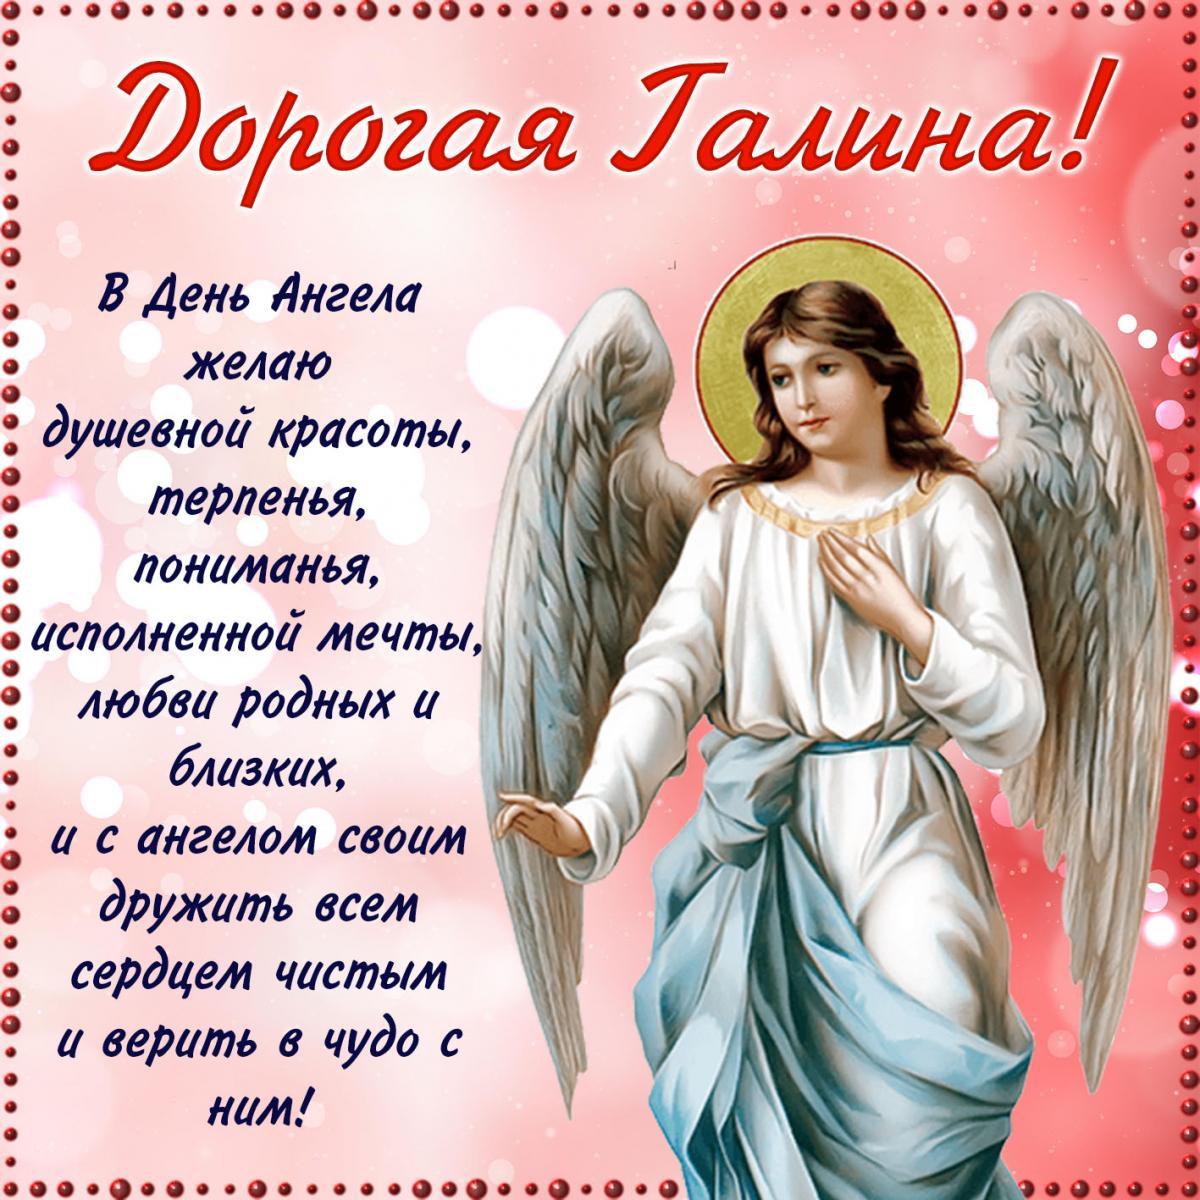 Прикольные картинки на именины Юлианы с днём ангела (11)